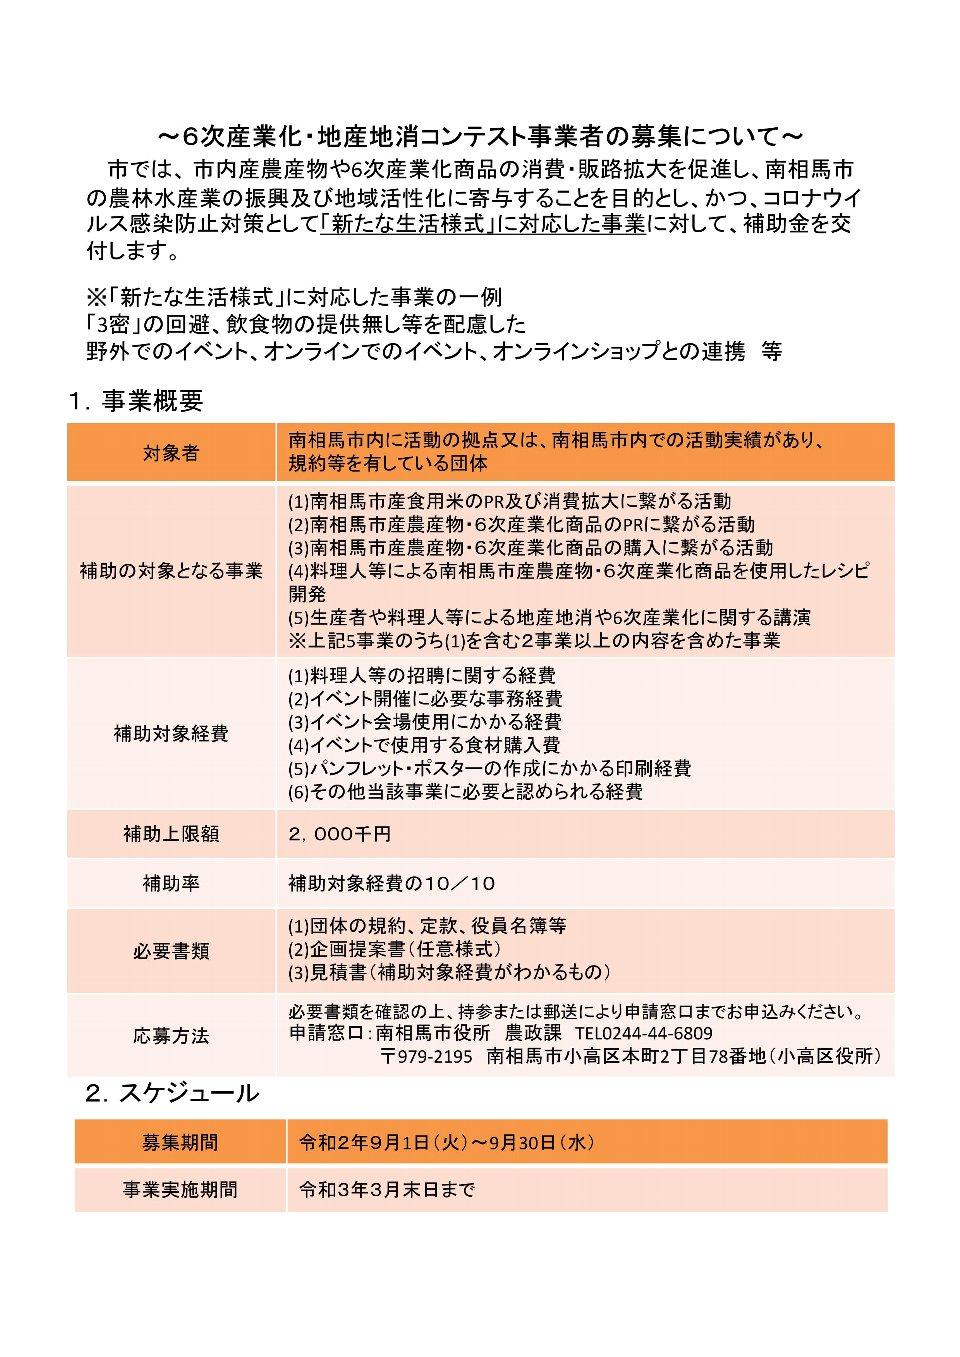 「6次産業化・地産地消コンテスト事業」の補助事業者募集